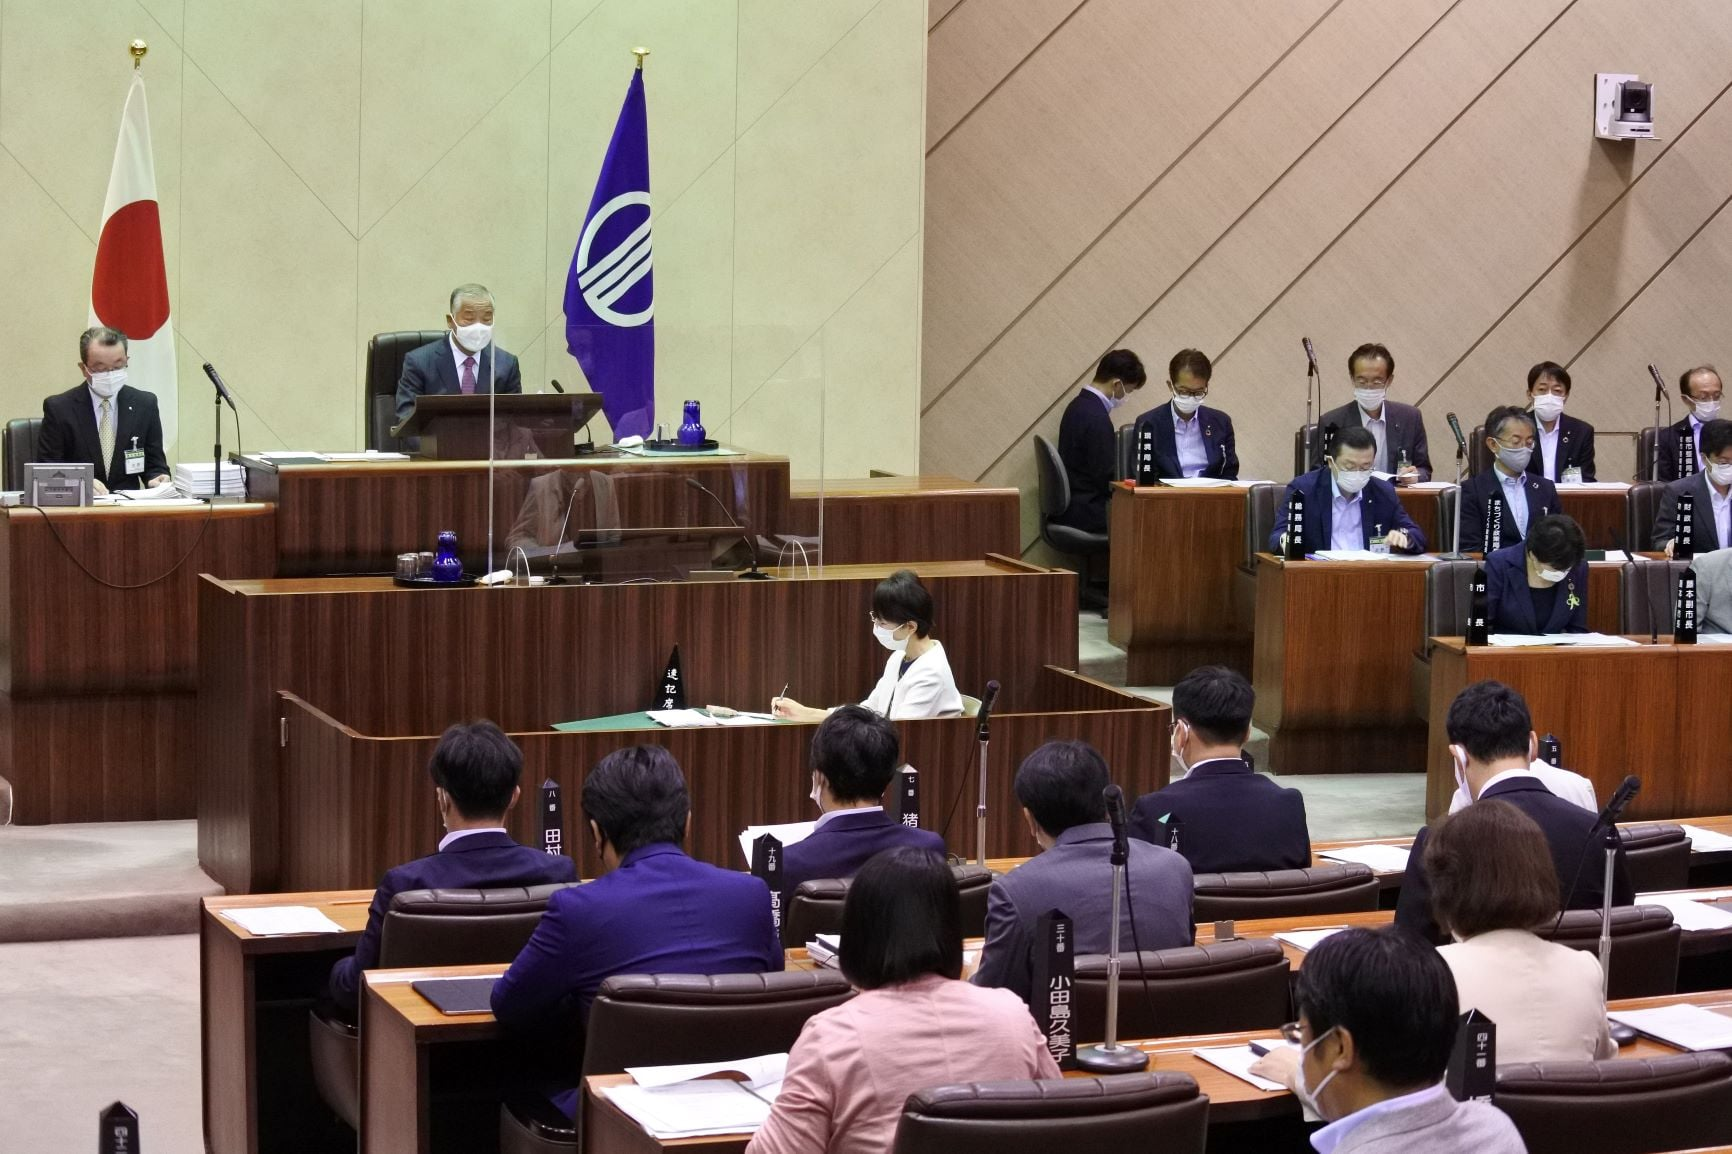 令和3年9月9日 市議会議長としての最後の定例会の初日を迎え、会議の中で辞任が許可されました。